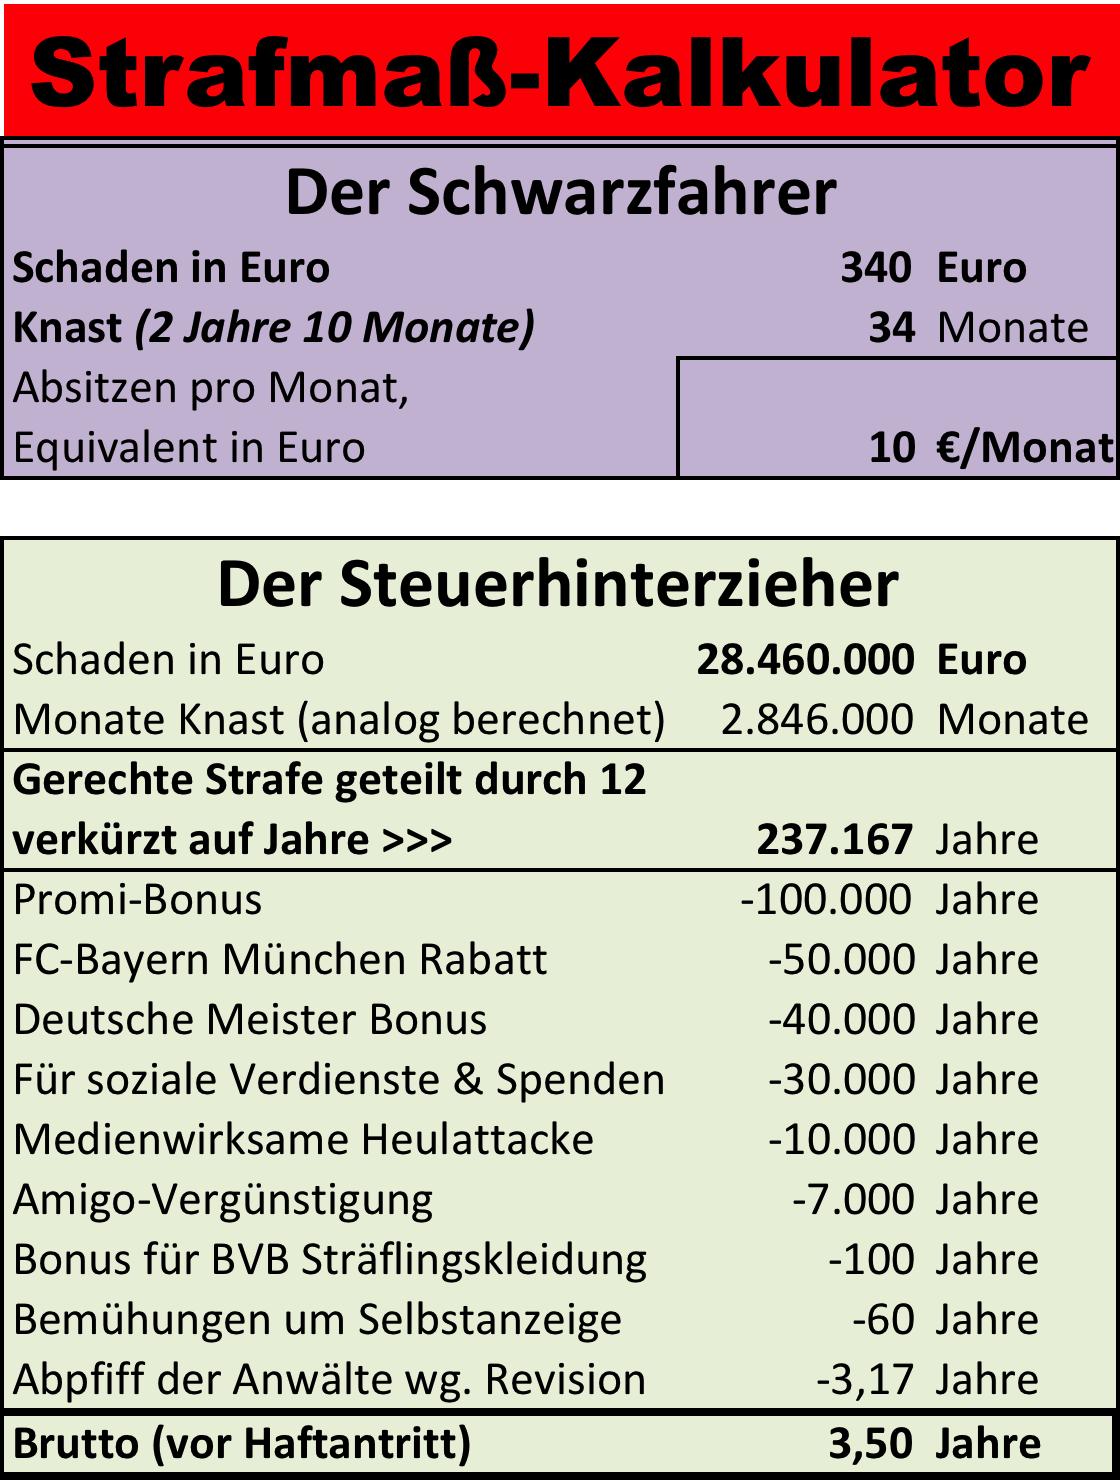 Strafmaß-Kalkulator, 237.167 Jahre Knast für Uli Hoeneß minus Boni macht 21 Monate